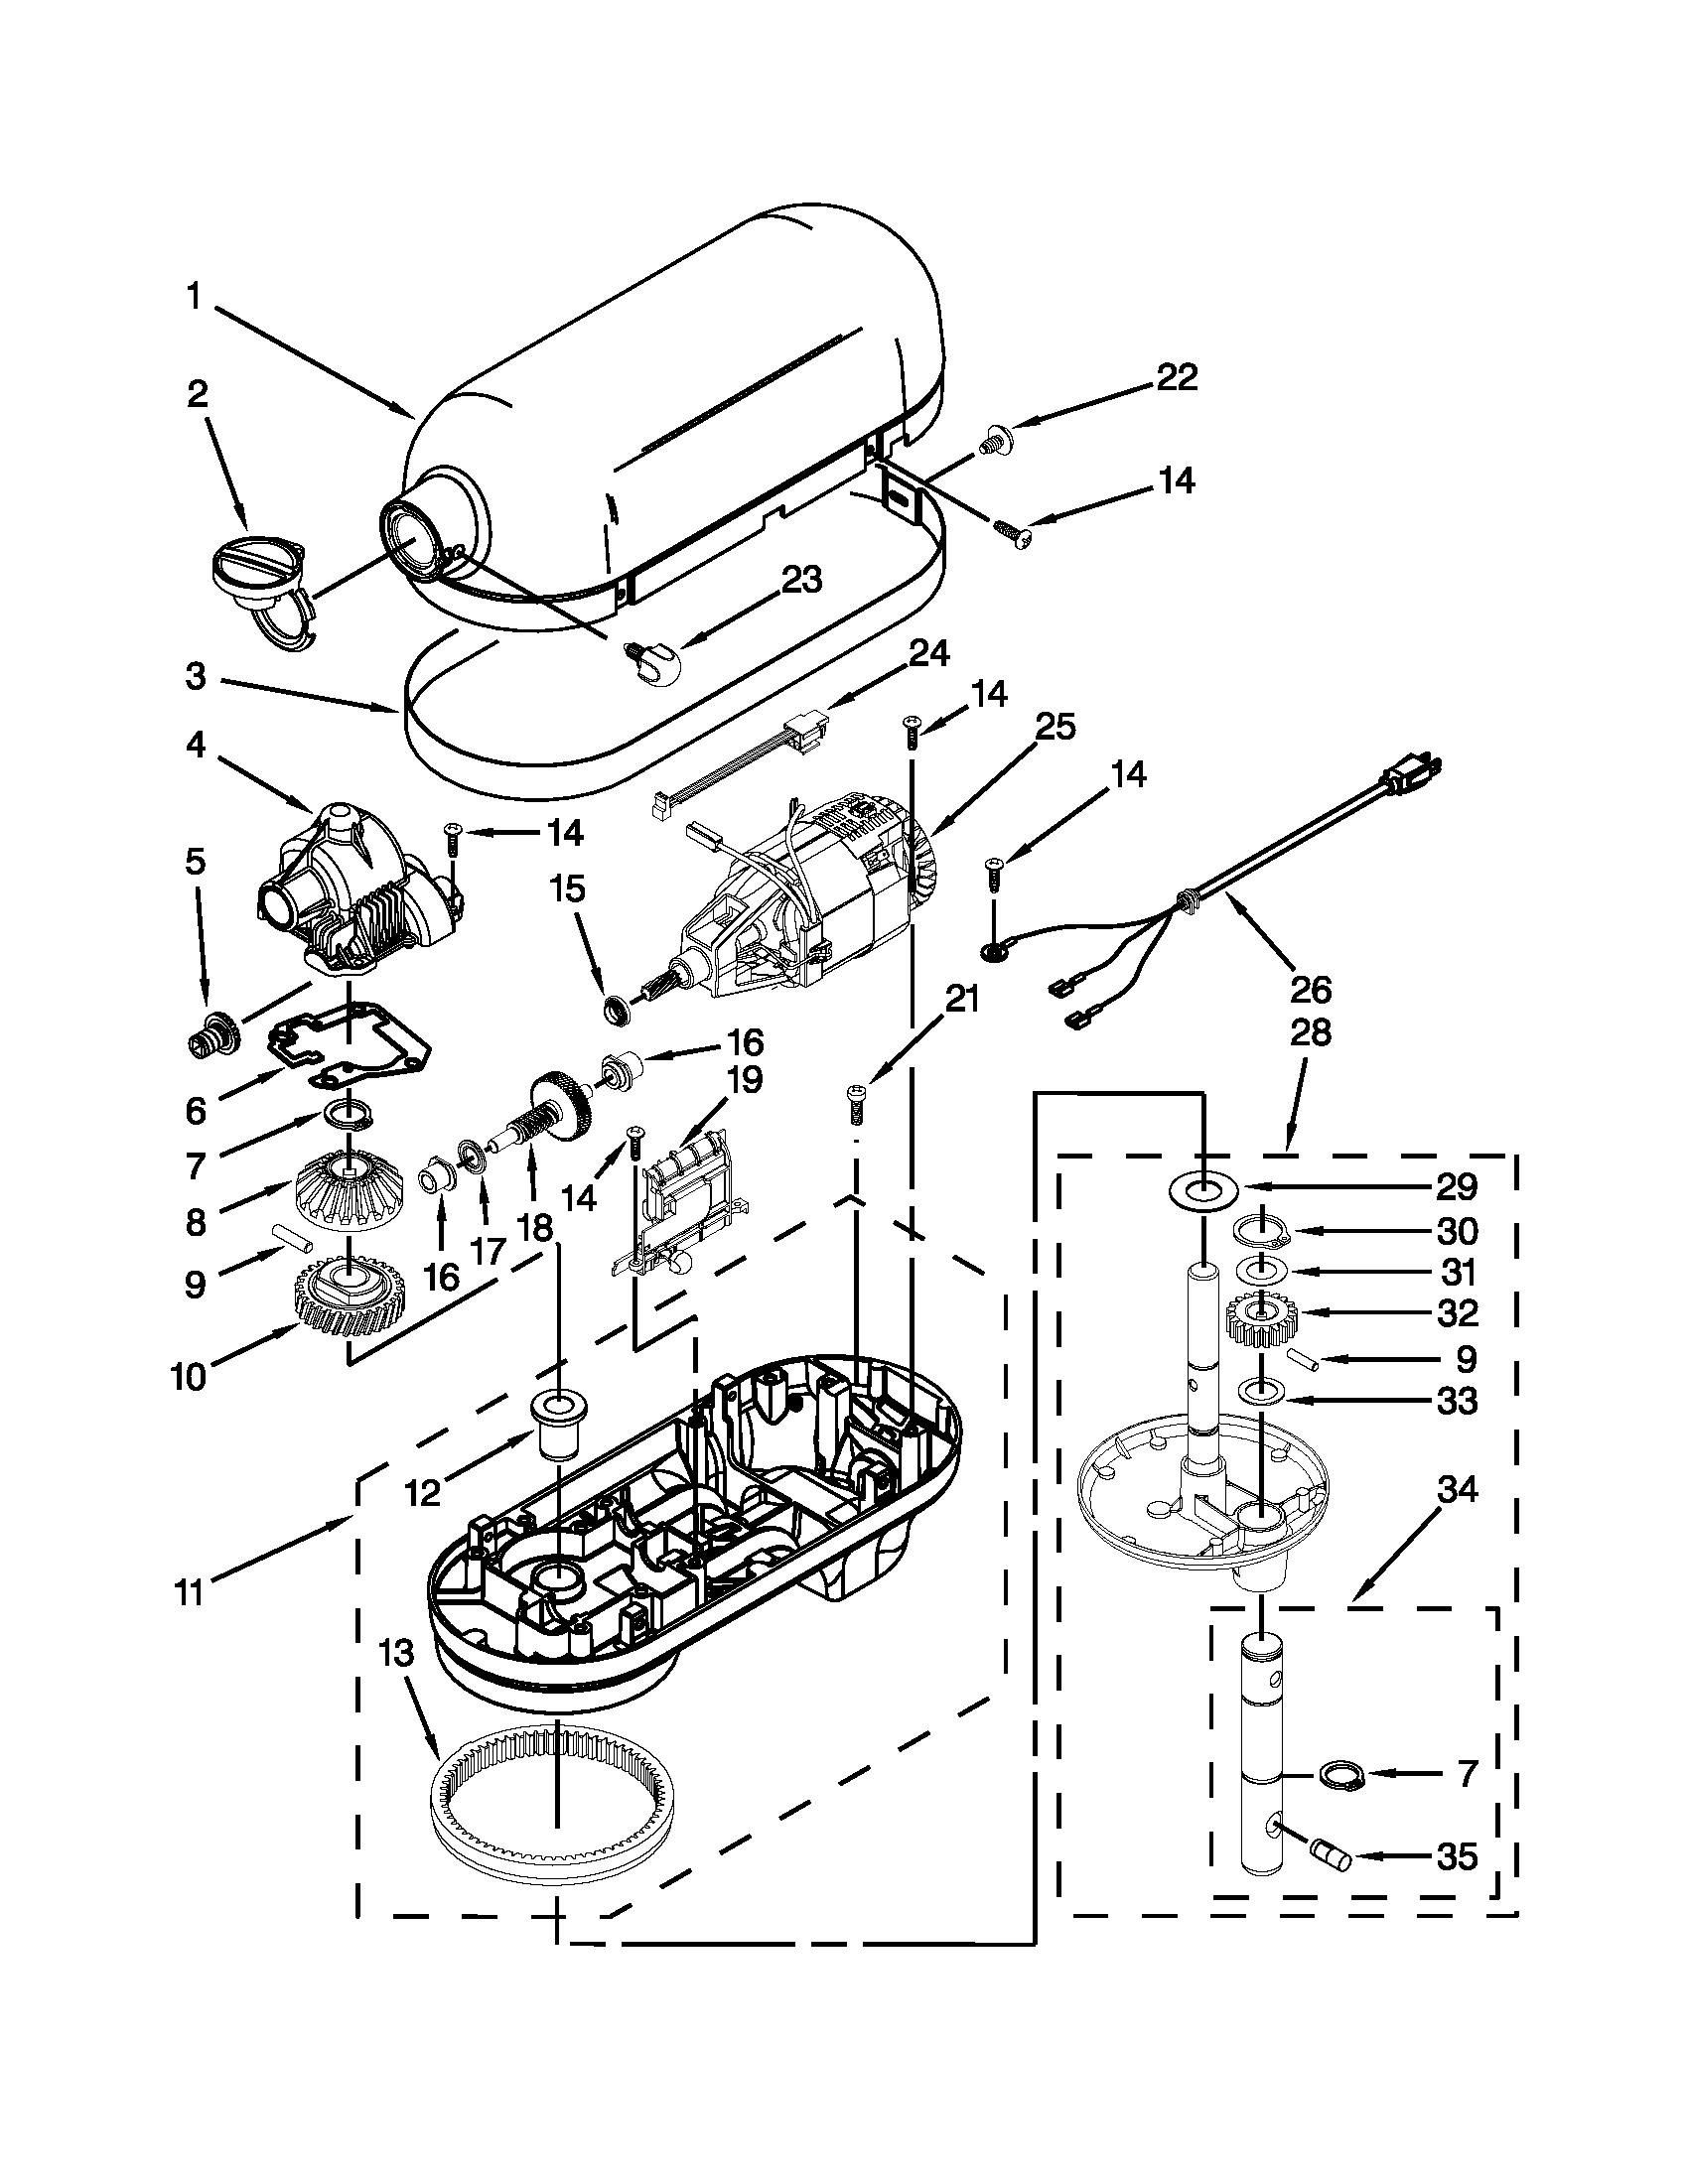 Kitchenaid Blender Parts Kitchenaid Mixer Parts  Model Kp26M1Xob5  Sears Partsdirect